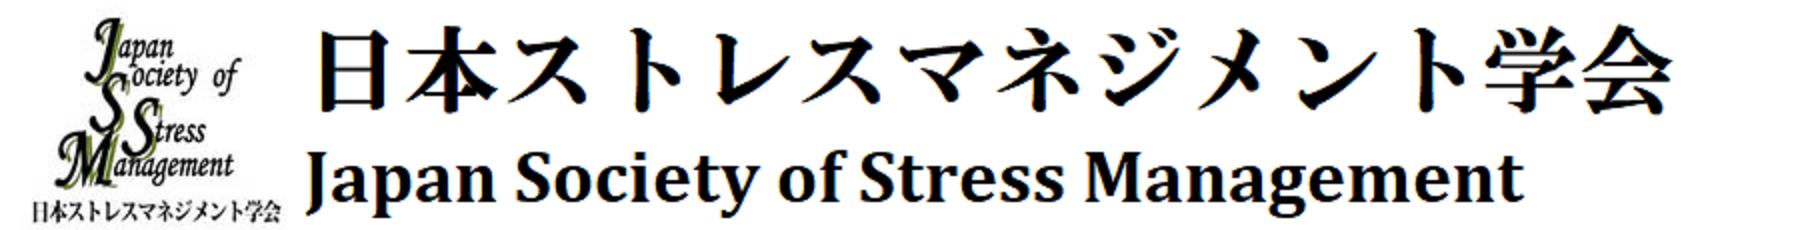 日本ストレスマネジメント学会 Japan Society of Stress Management